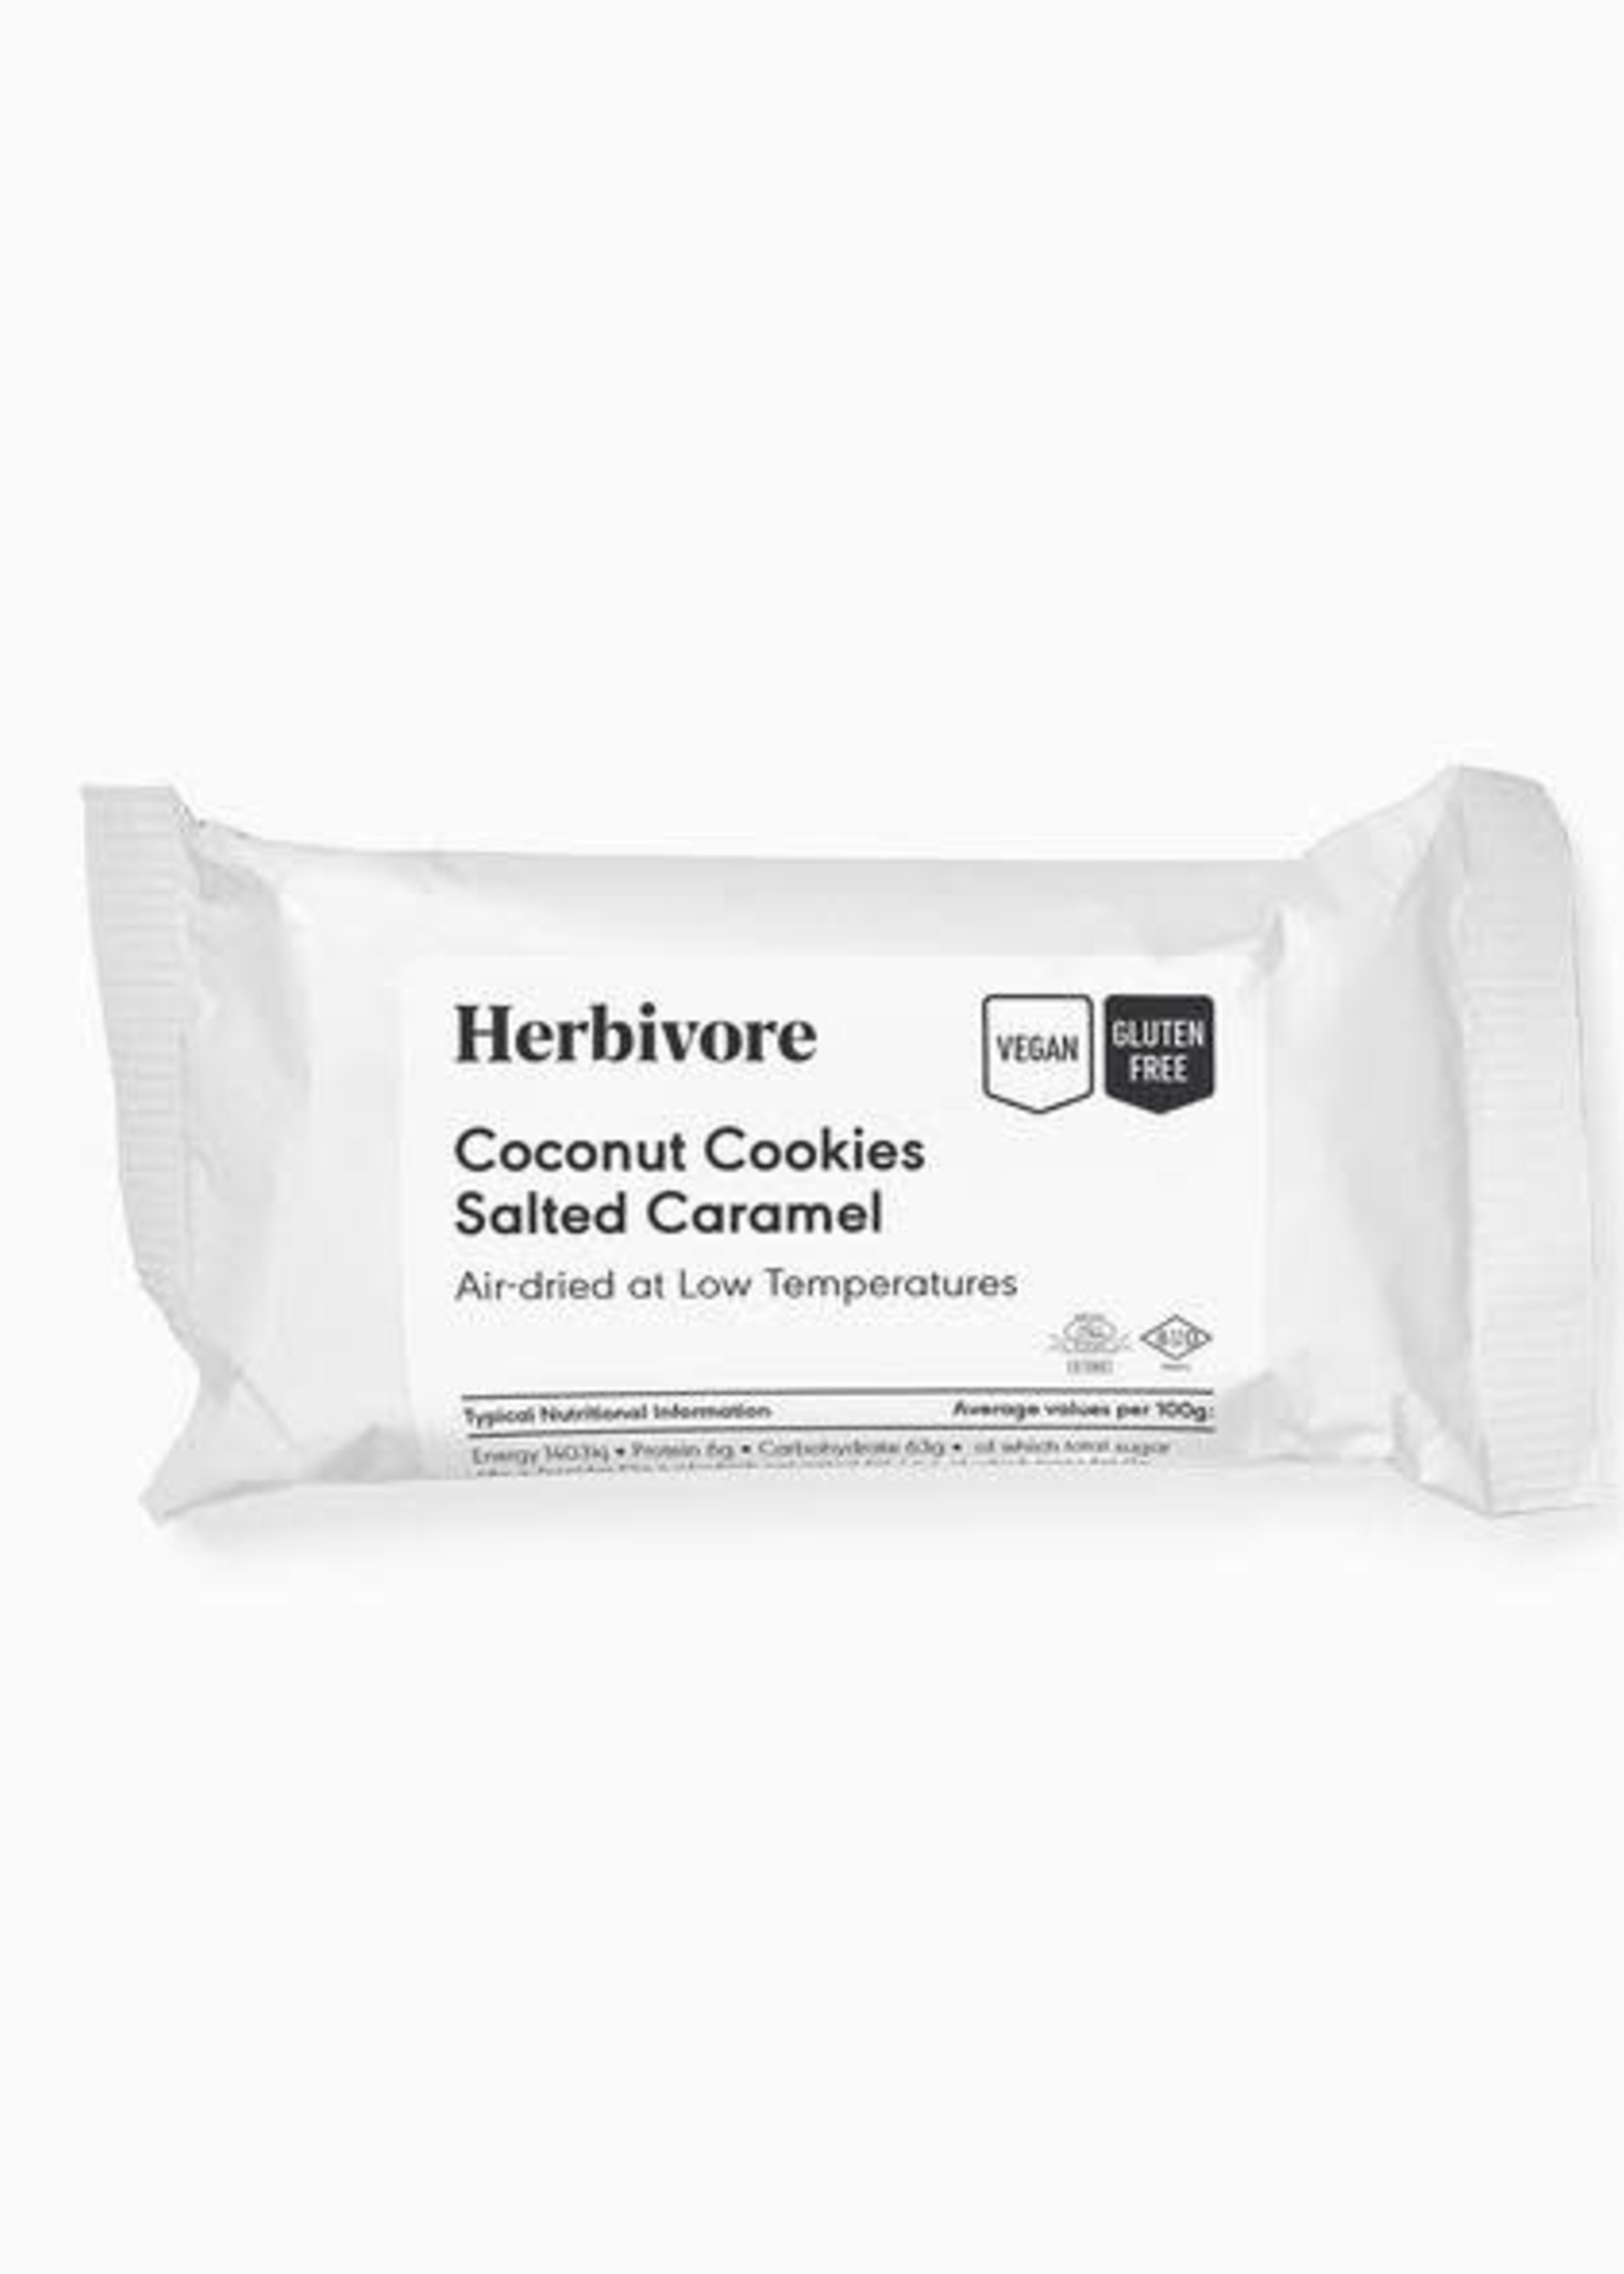 Herbivore - Coconut Cookies salted caramel